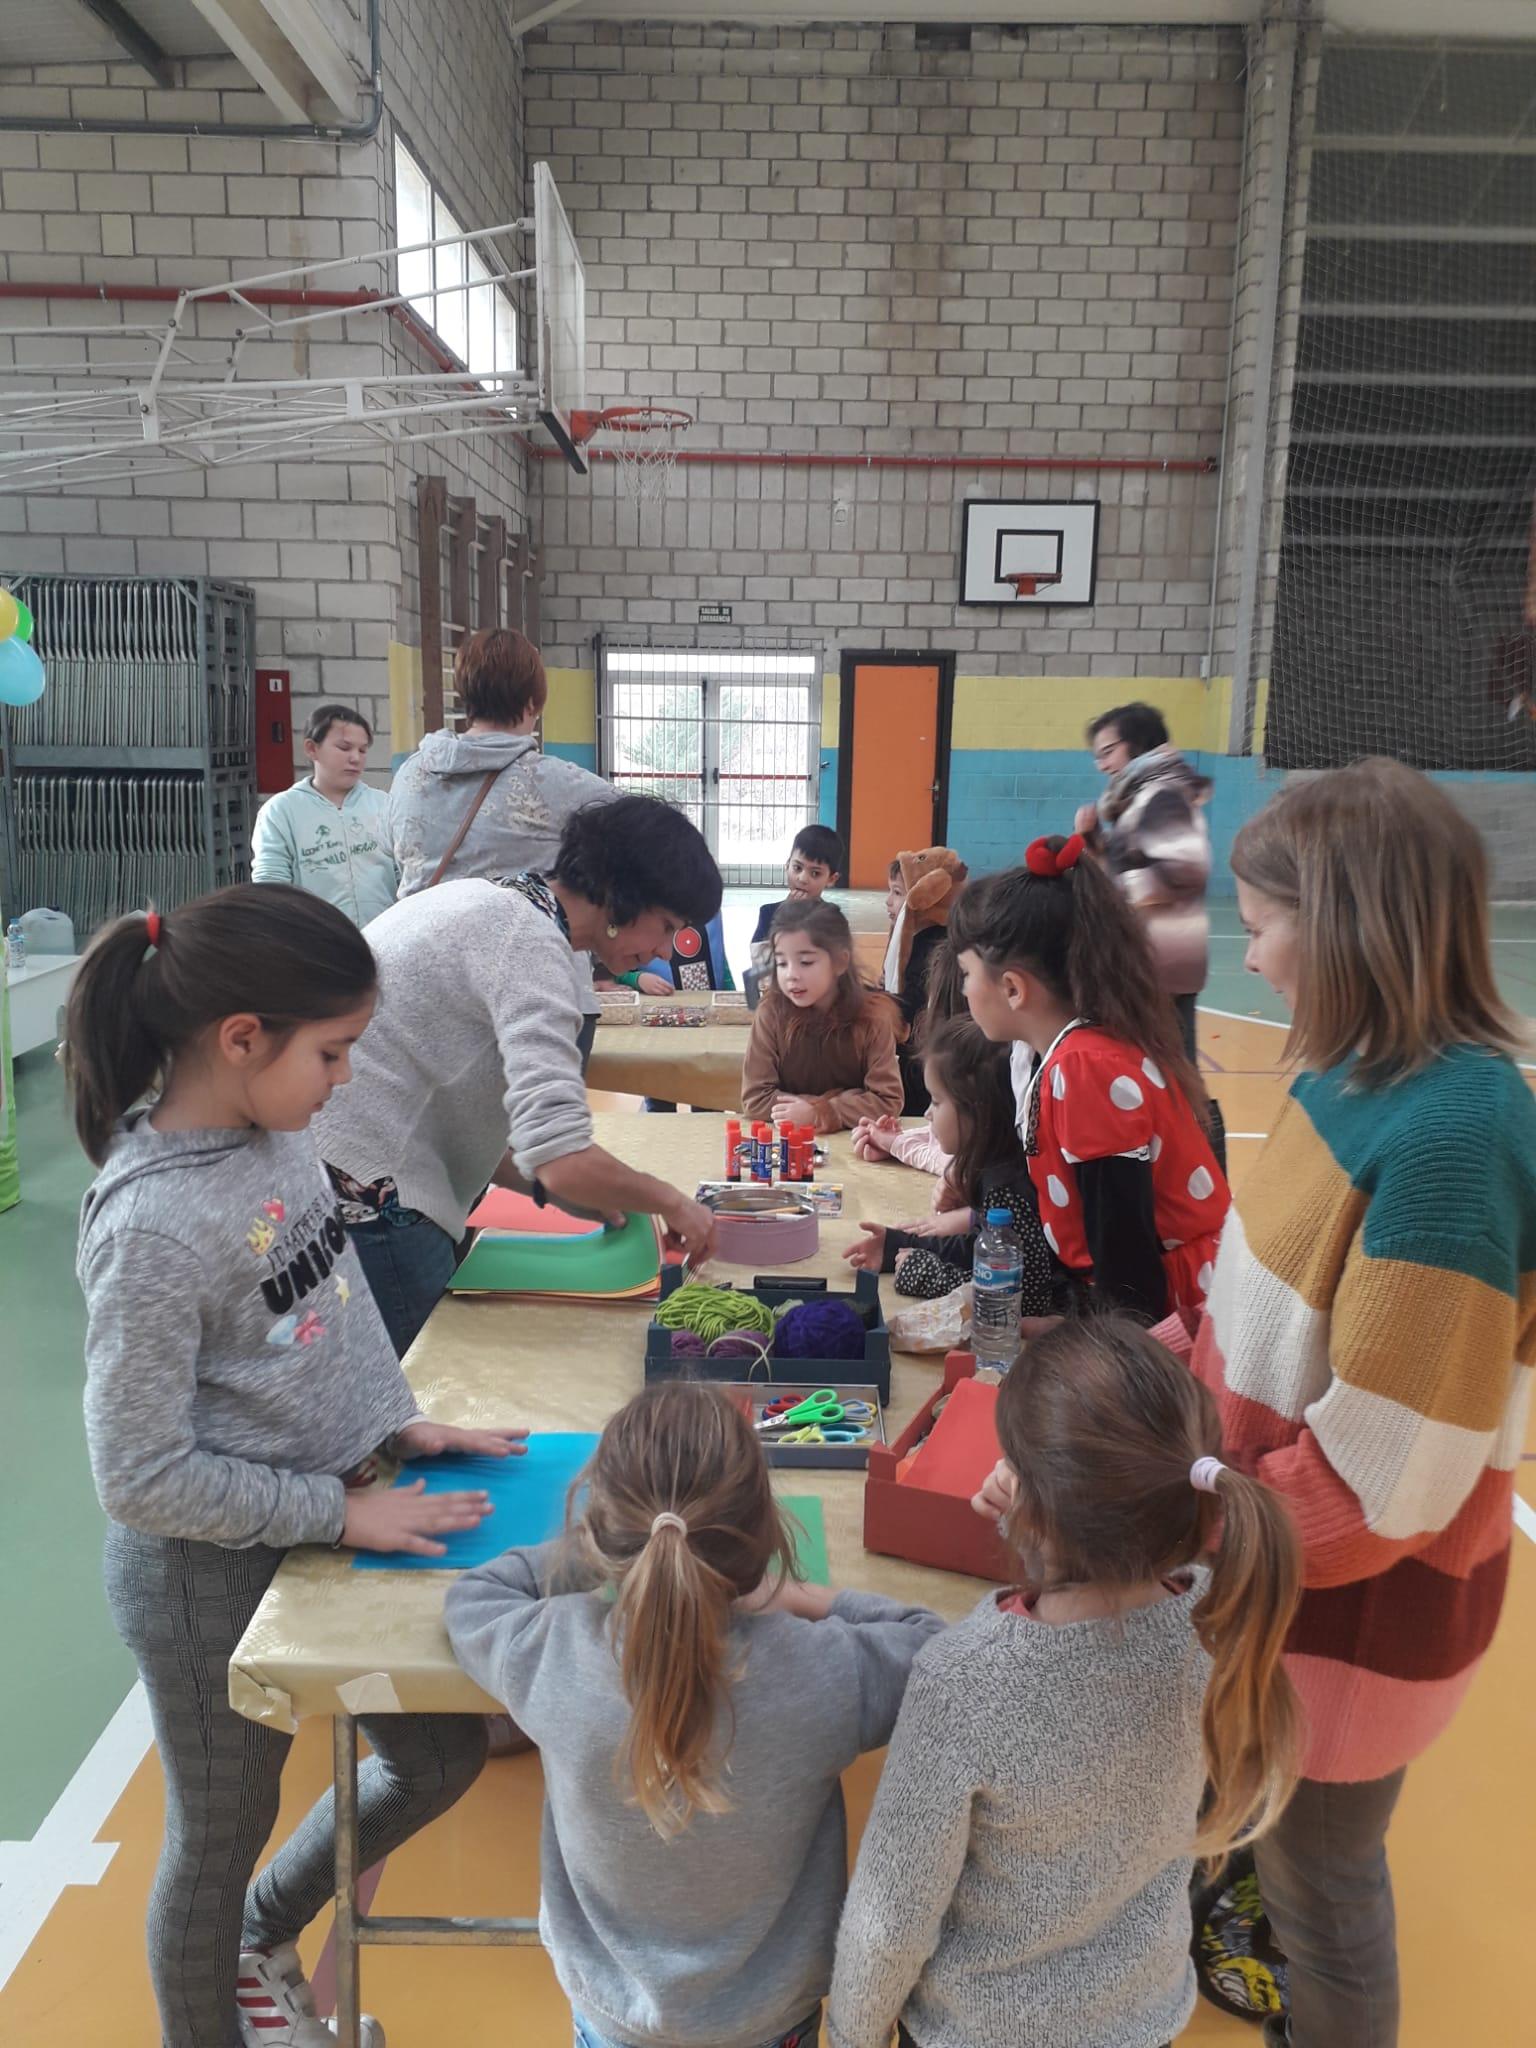 Farmamundi ha realizado un proyecto educativo en varios centros de primaria de Zaragoza dedicado a los ODS